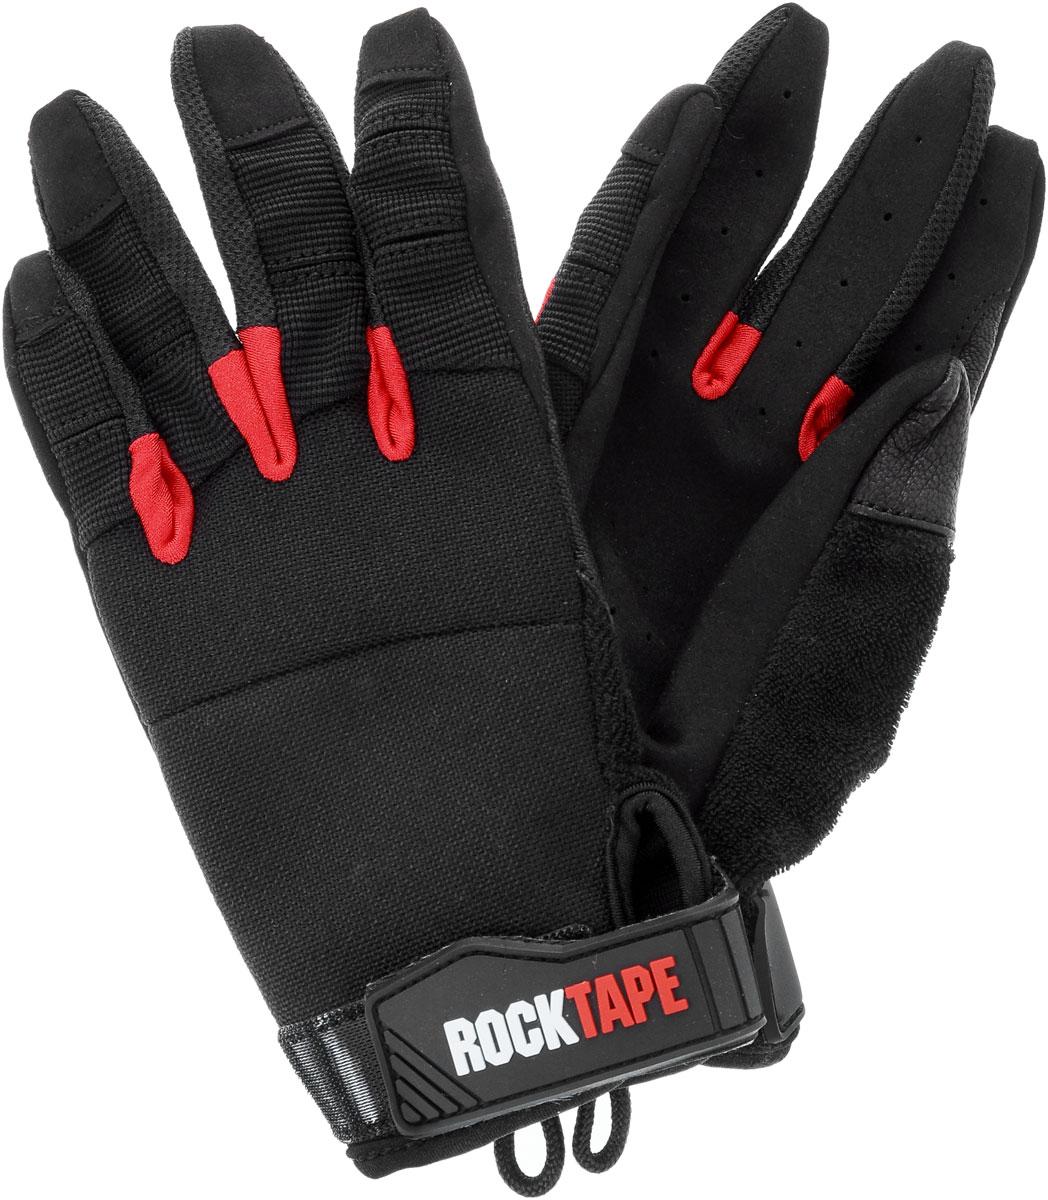 Перчатки Rocktape Talons, цвет: черный, красный. Размер XLRTTls-XLRocktape Talons - это функциональные перчатки для спорта. Руль велосипеда, турник, штанга - за что бы вы ни взялись, перчатки обеспечат максимальную защиту и поддержку! Уверенный хват и больше никаких стертых рук, волдырей и мозолей! Особенности перчаток: Дружелюбны к сенсорным экранам. Без швов на ладонях. Силиконовая накладка false-grip поможет в выходах силой. Защита большого пальца при захвате штанги. Впитывают пот. Дышащий материал по боковым поверхностям пальцев. Удобные петли. Рассчитаны на работу с мелом. Обхват ладони ниже костяшки: 25 см.